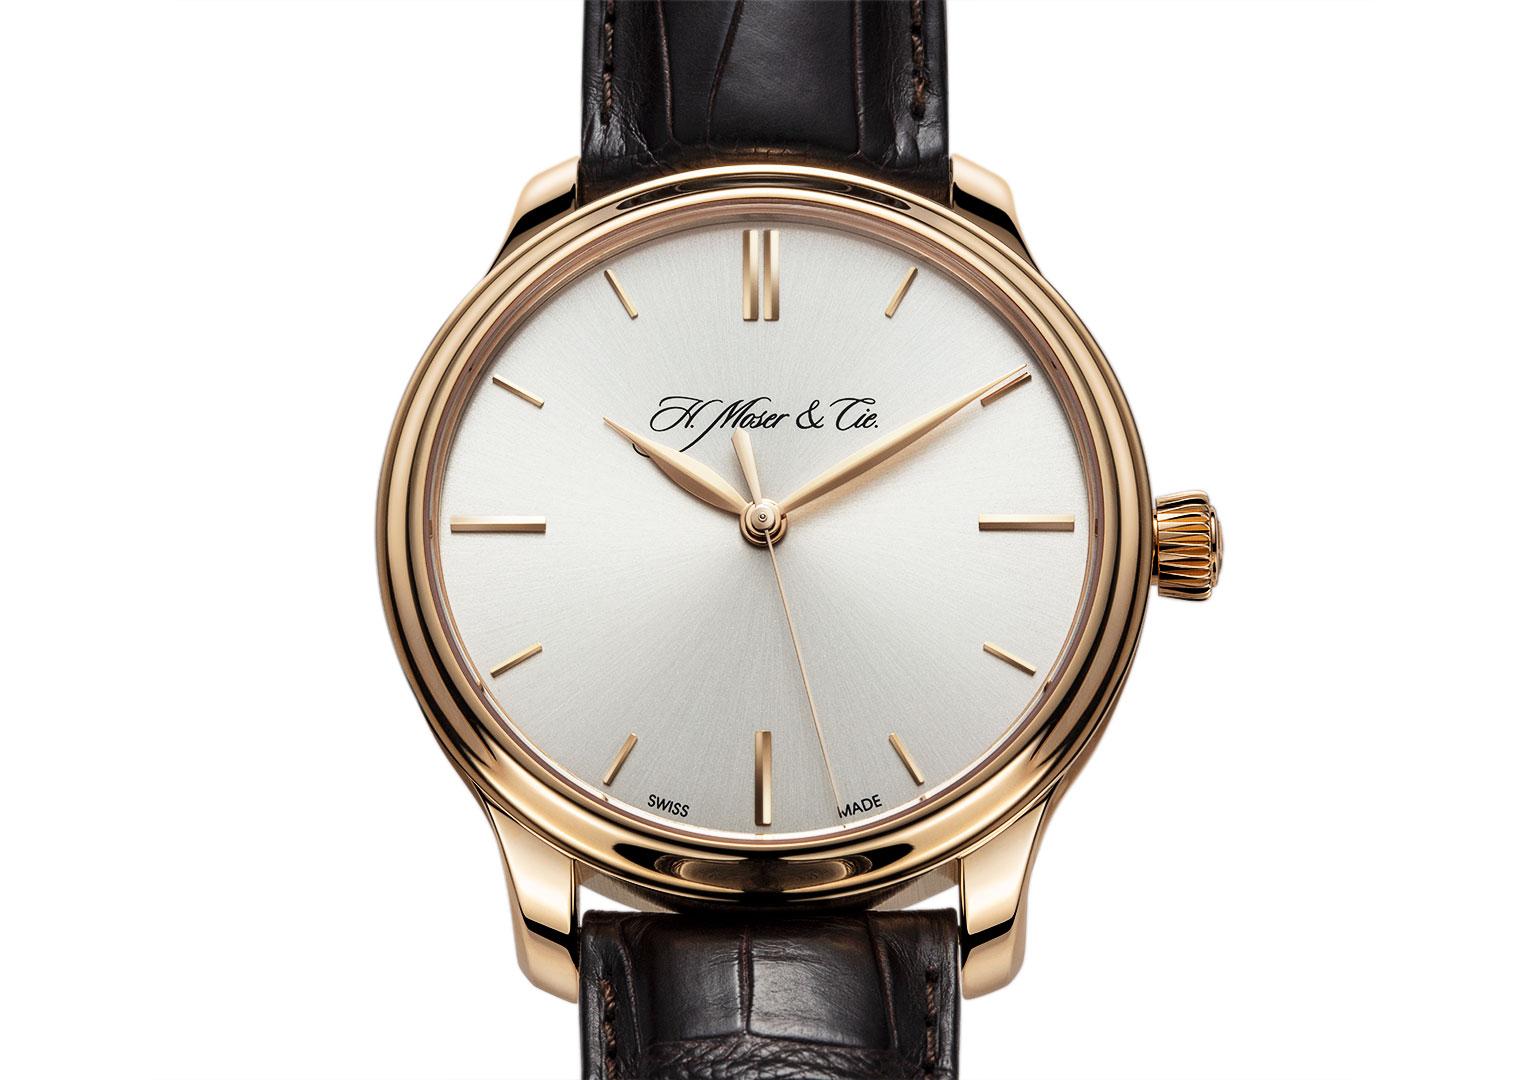 All H. Moser & Cie. watches are made in Schaffhausen, Switzerland